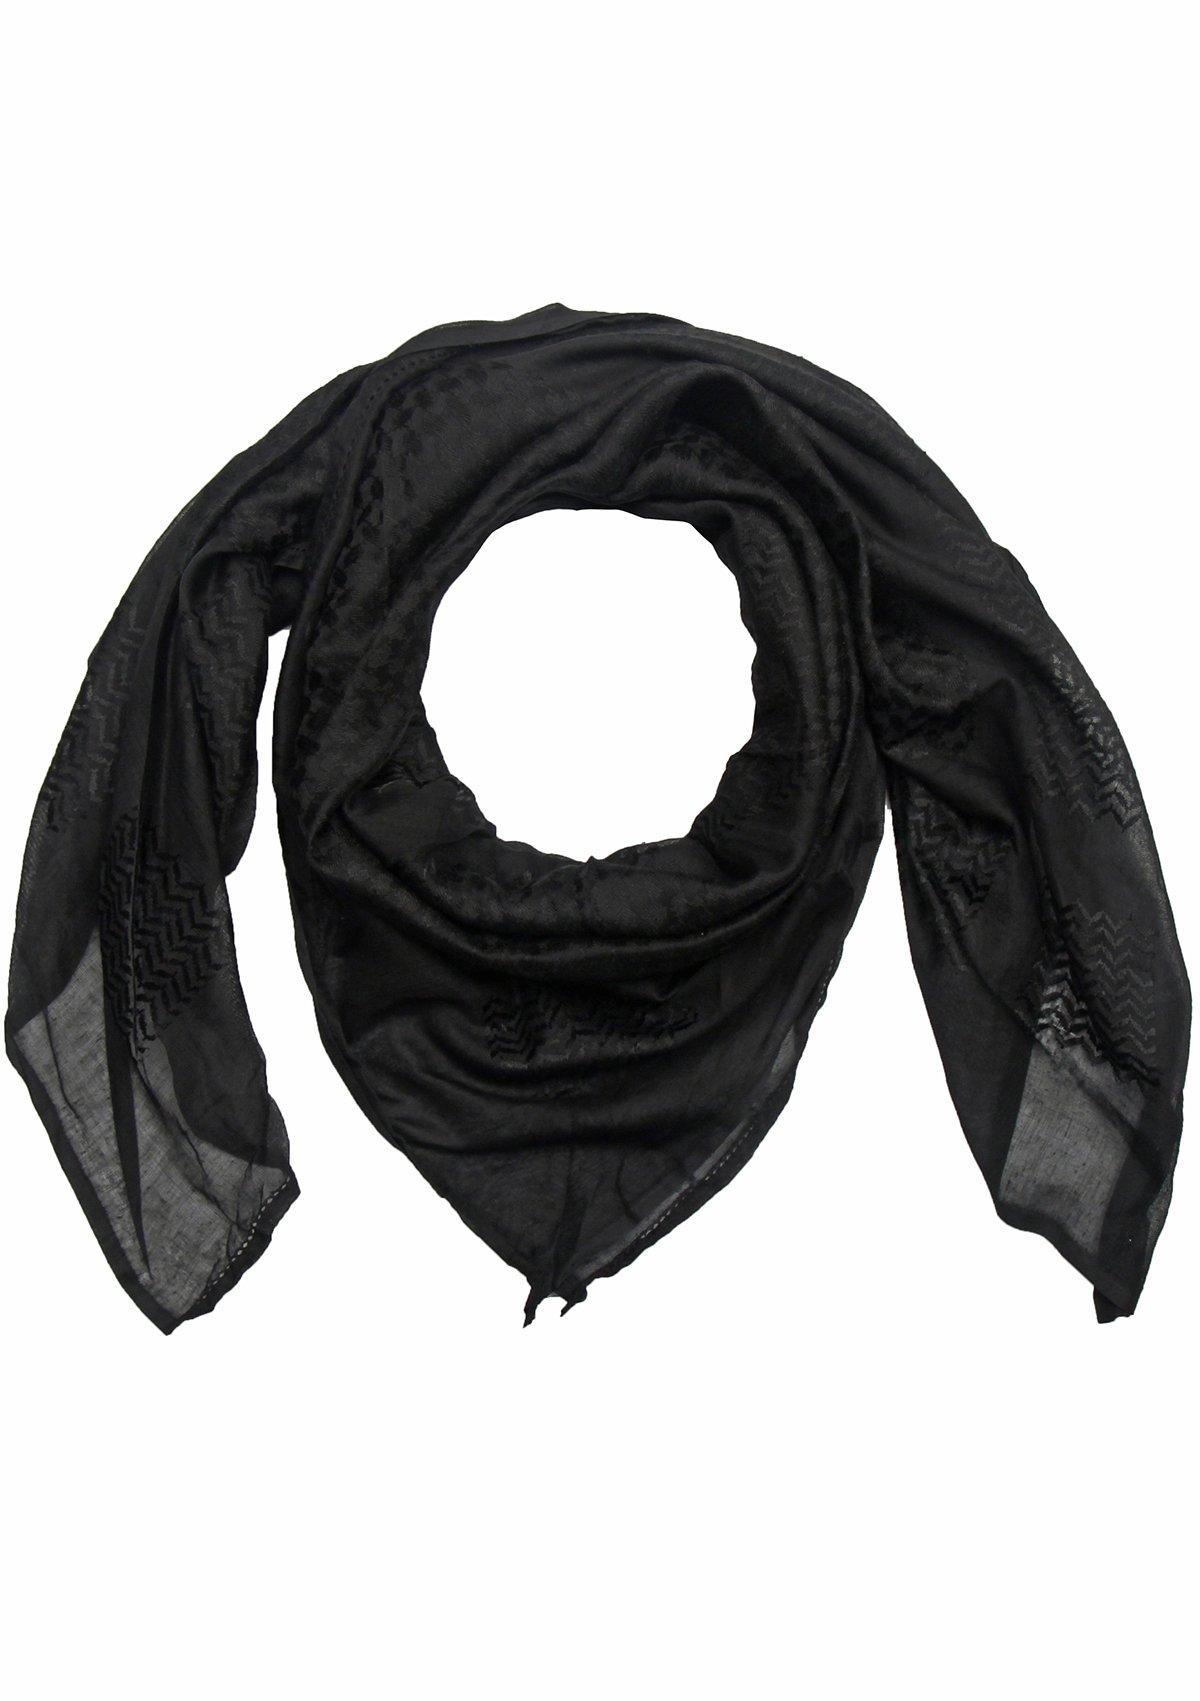 Merewill Premium Original Arabic Scarf 100% Cotton Shemagh Keffiyeh 49''x49'' Arab Summer Scarf All Black